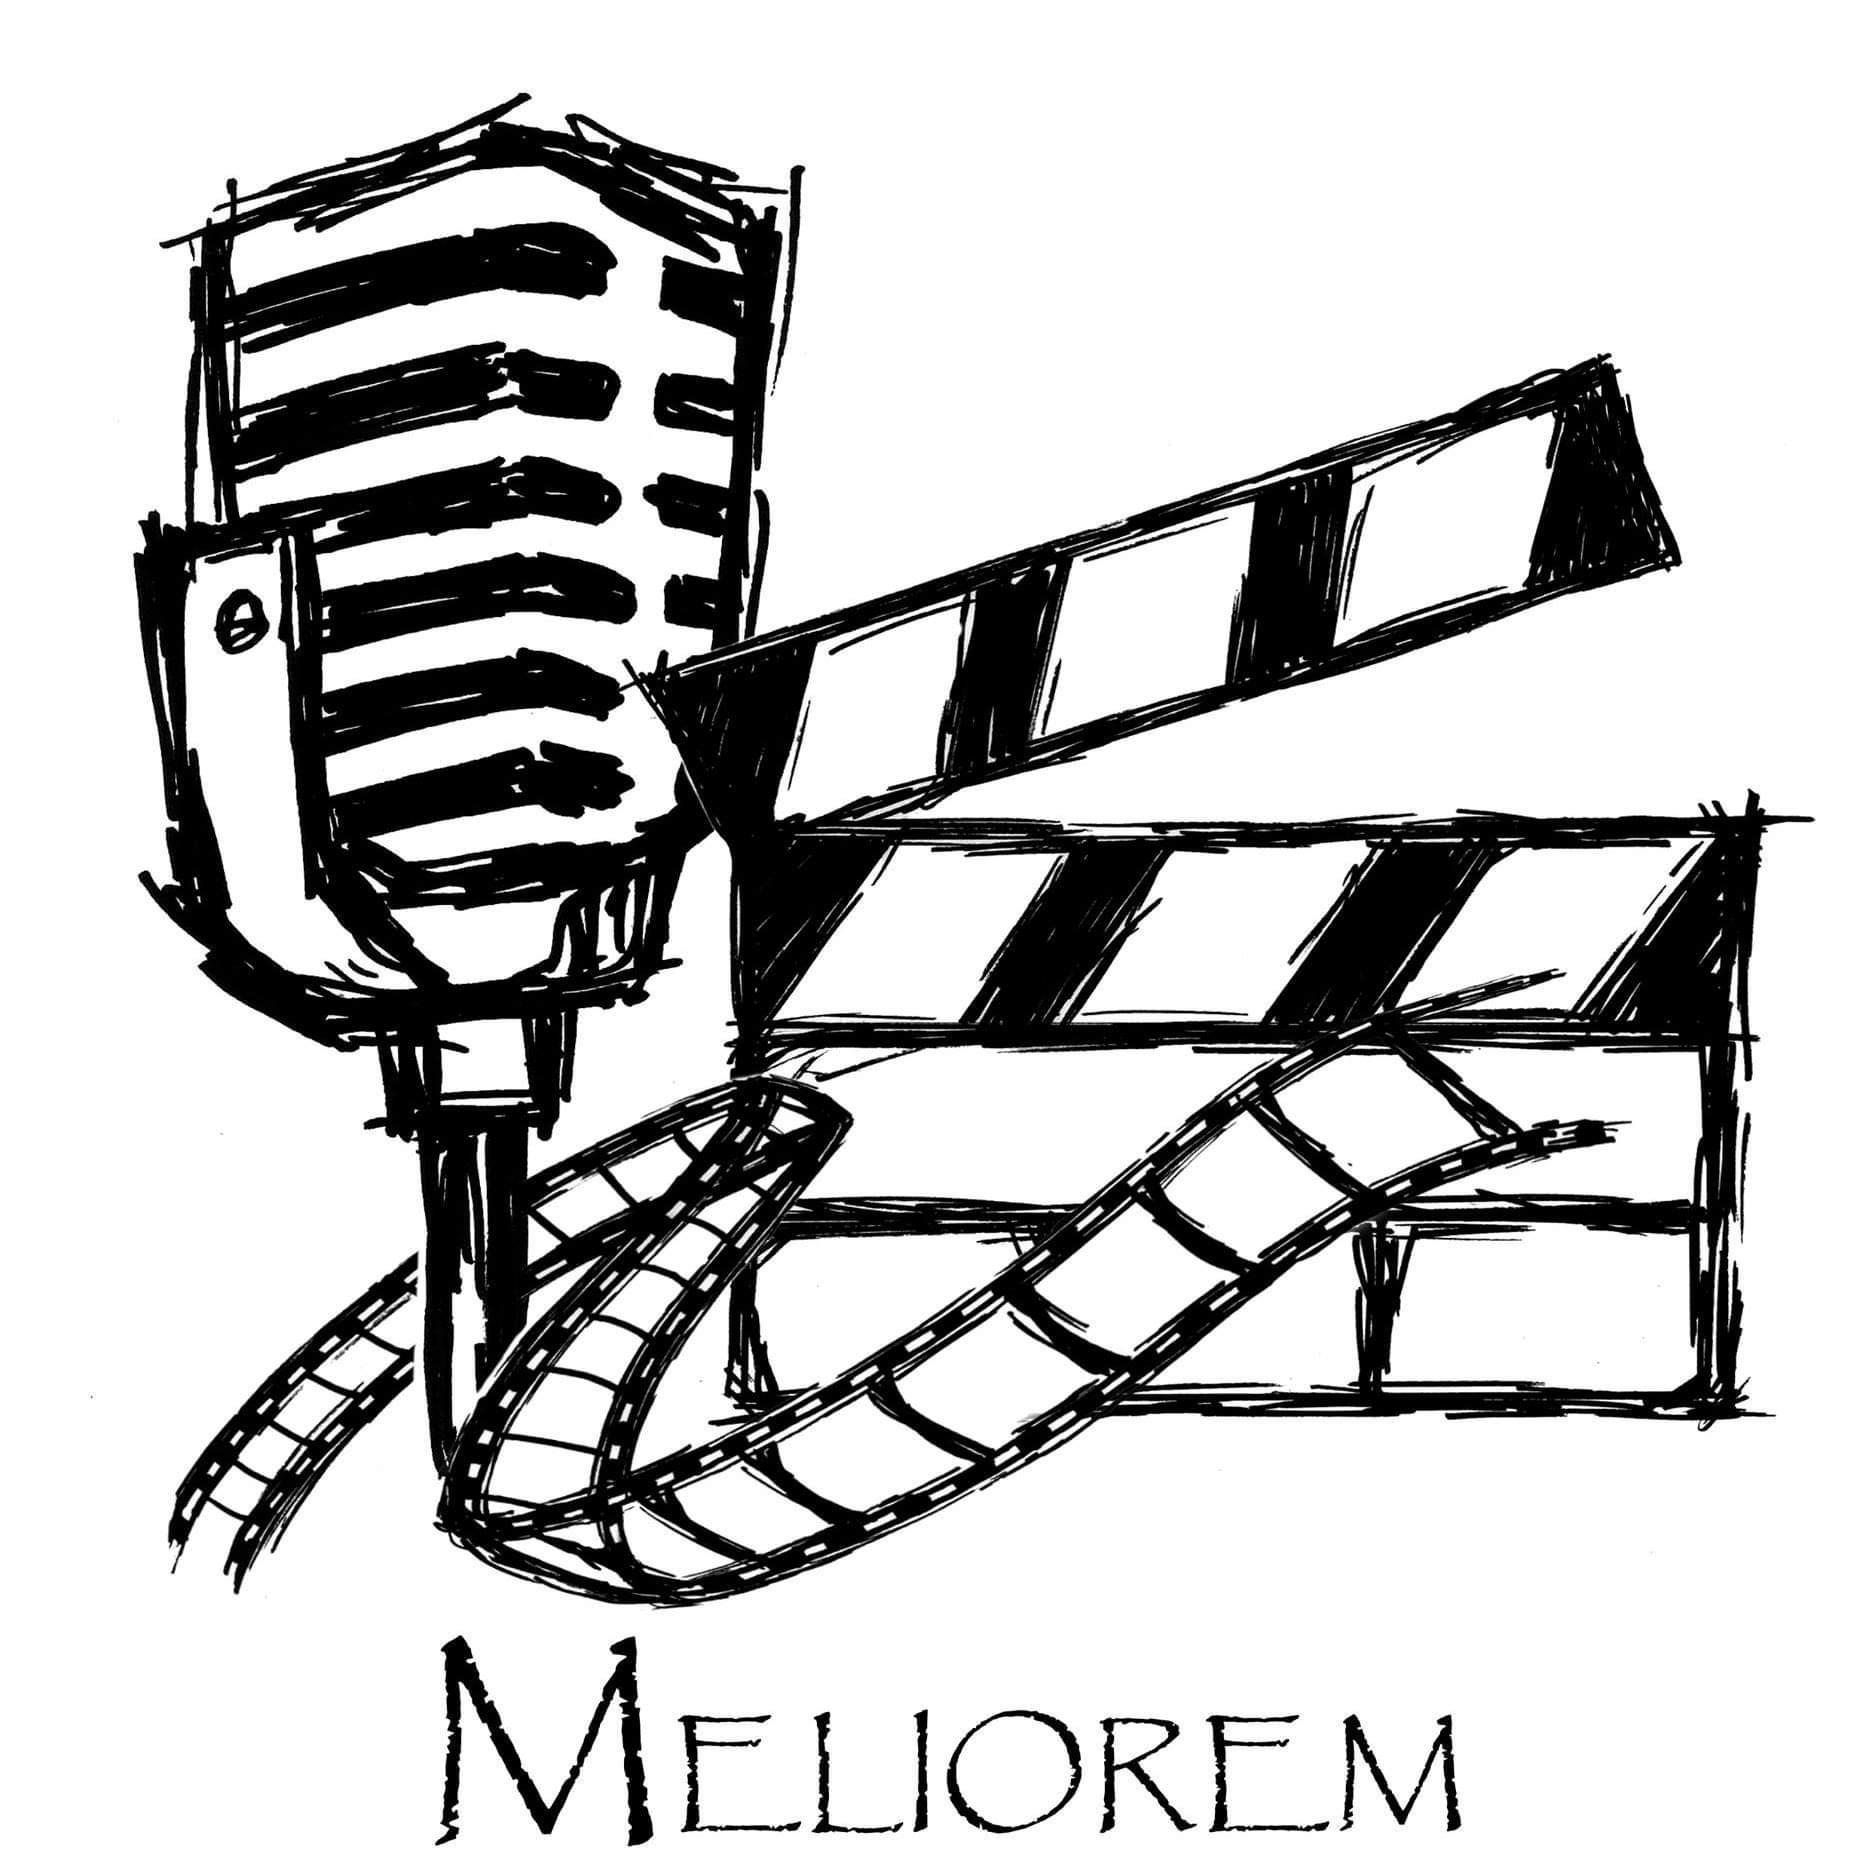 Meliorem